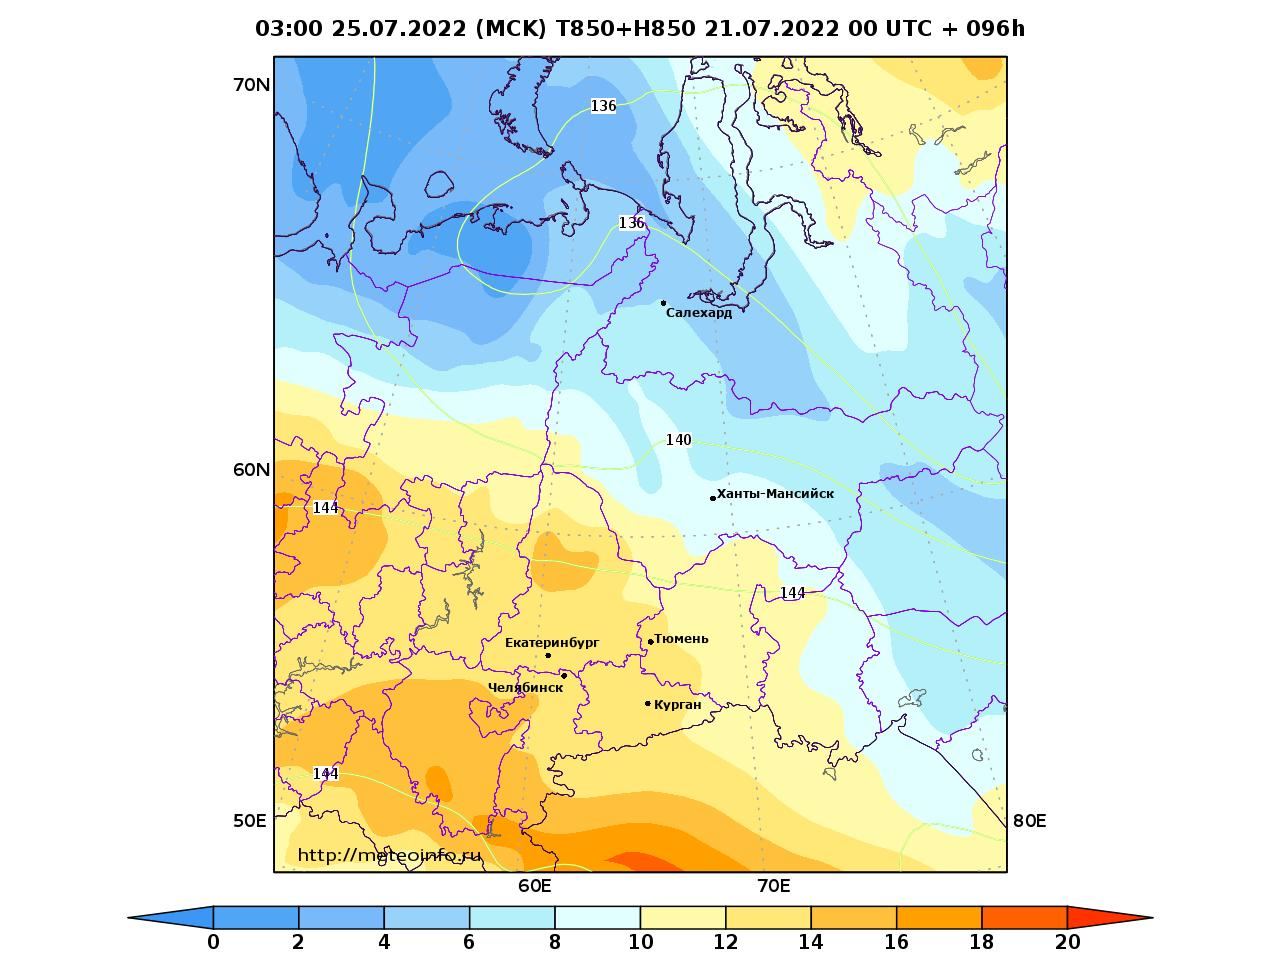 Уральский Федеральный округ, прогностическая карта температура T850 и геопотенциал H850, заблаговременность прогноза 96 часов